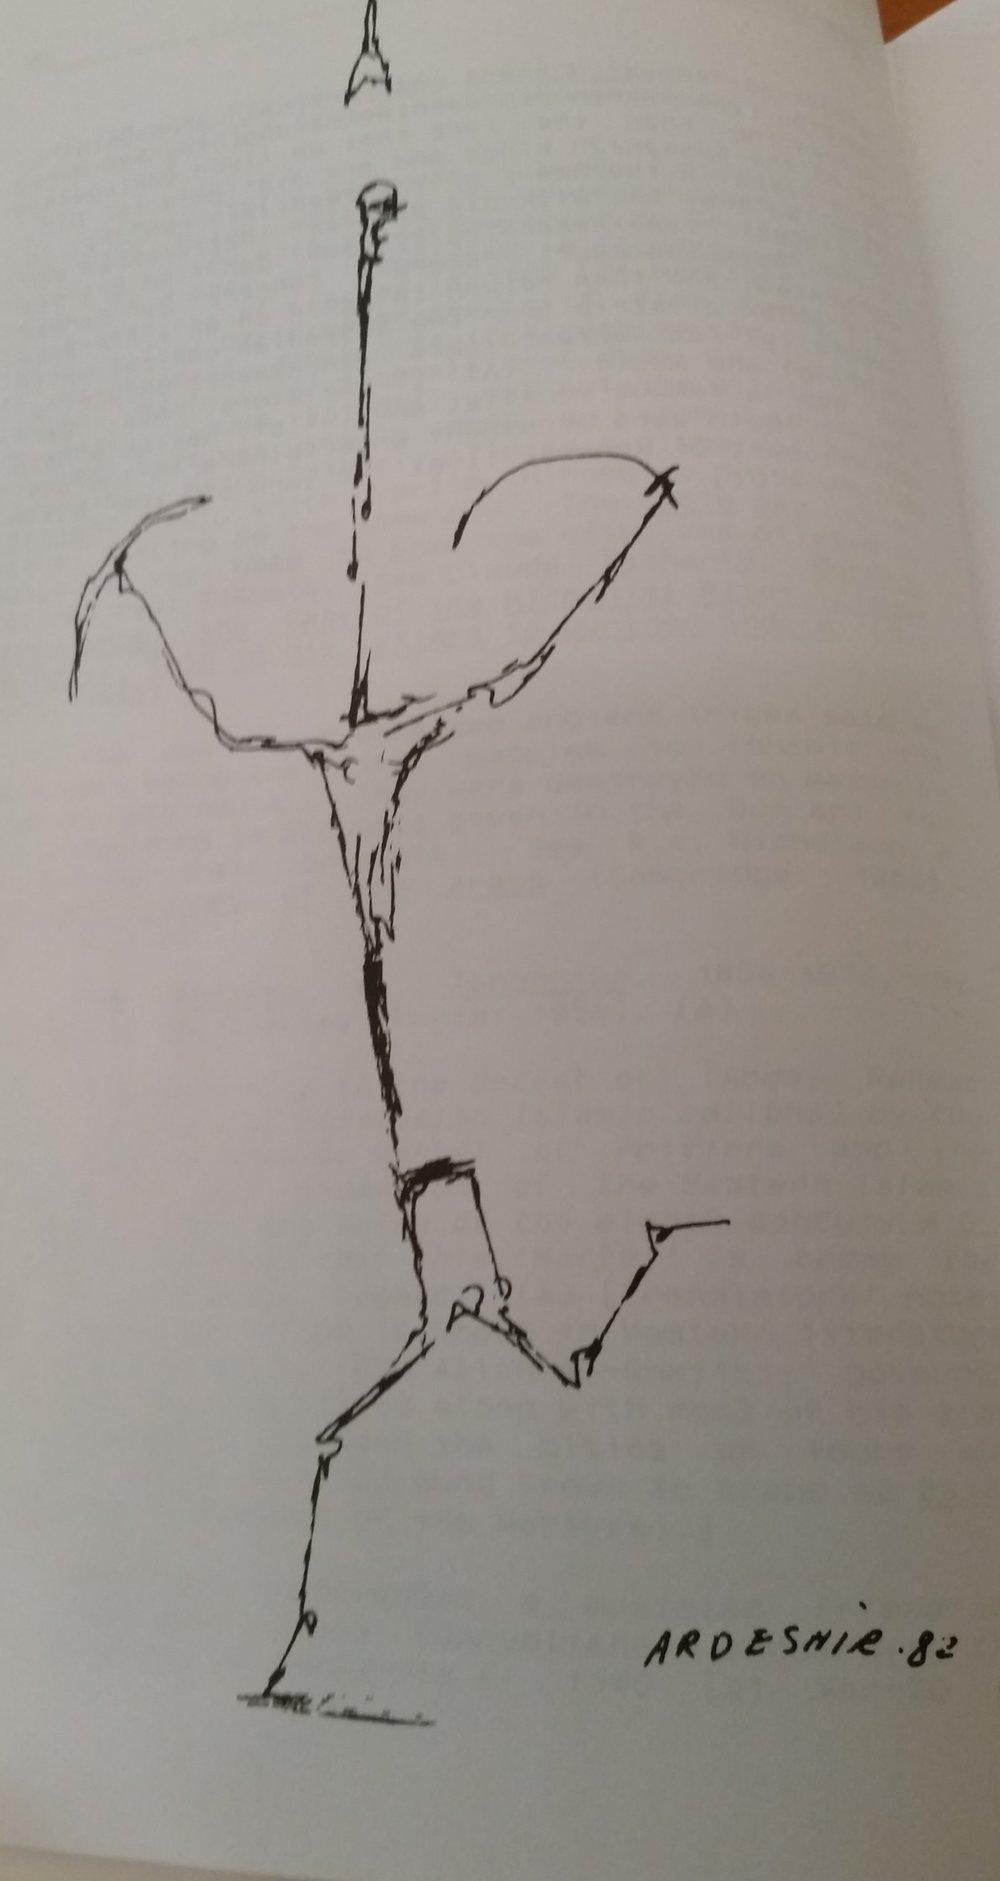 ardeshir 1